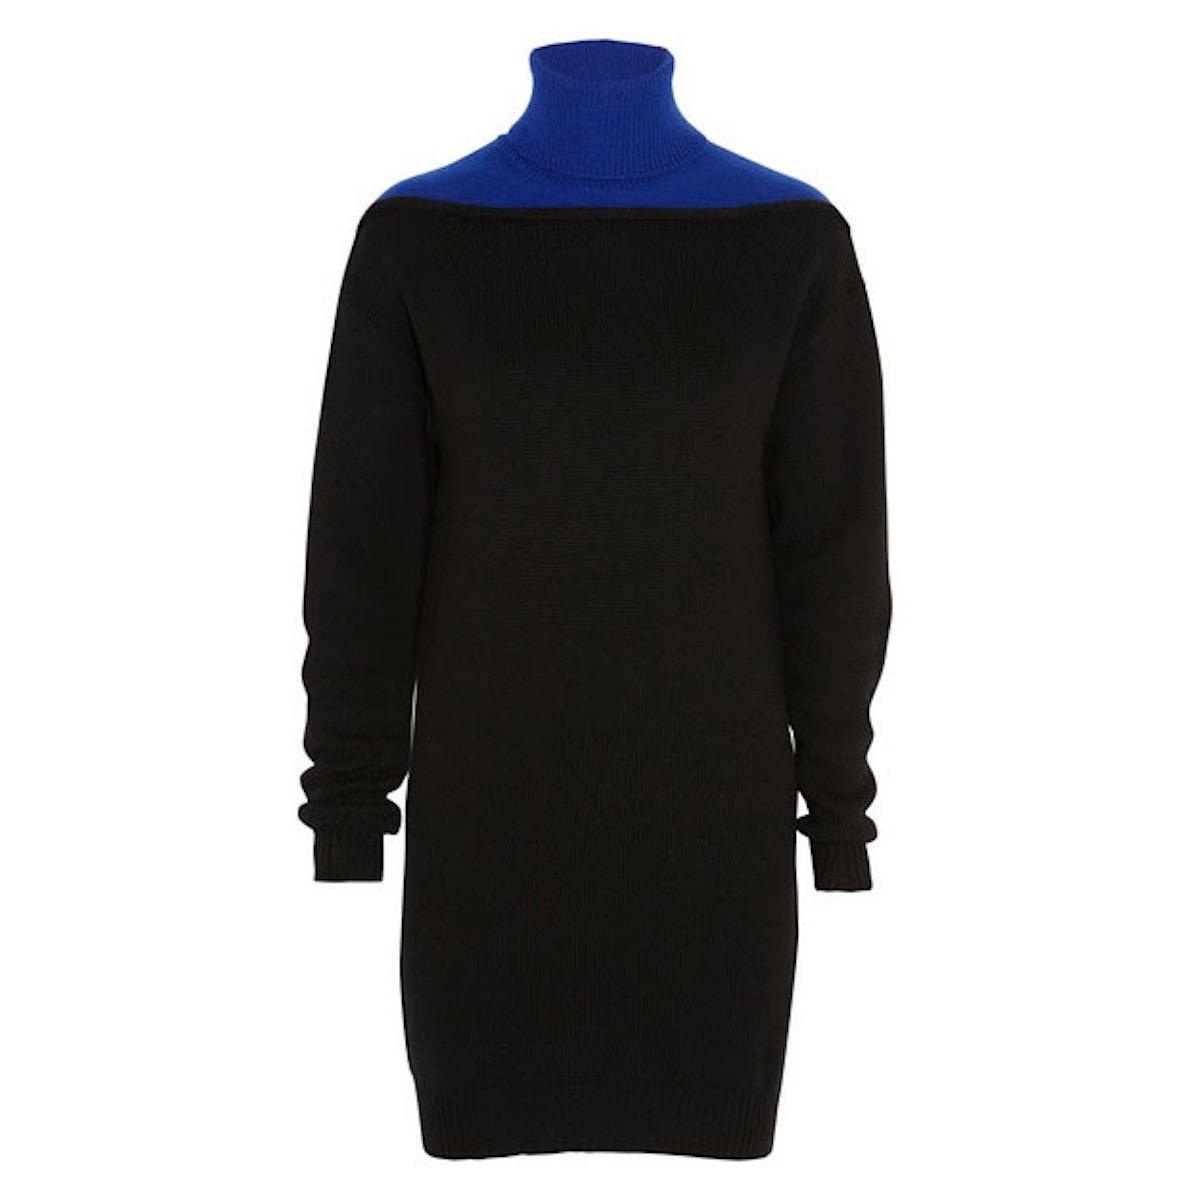 Alexander Wang knit dress